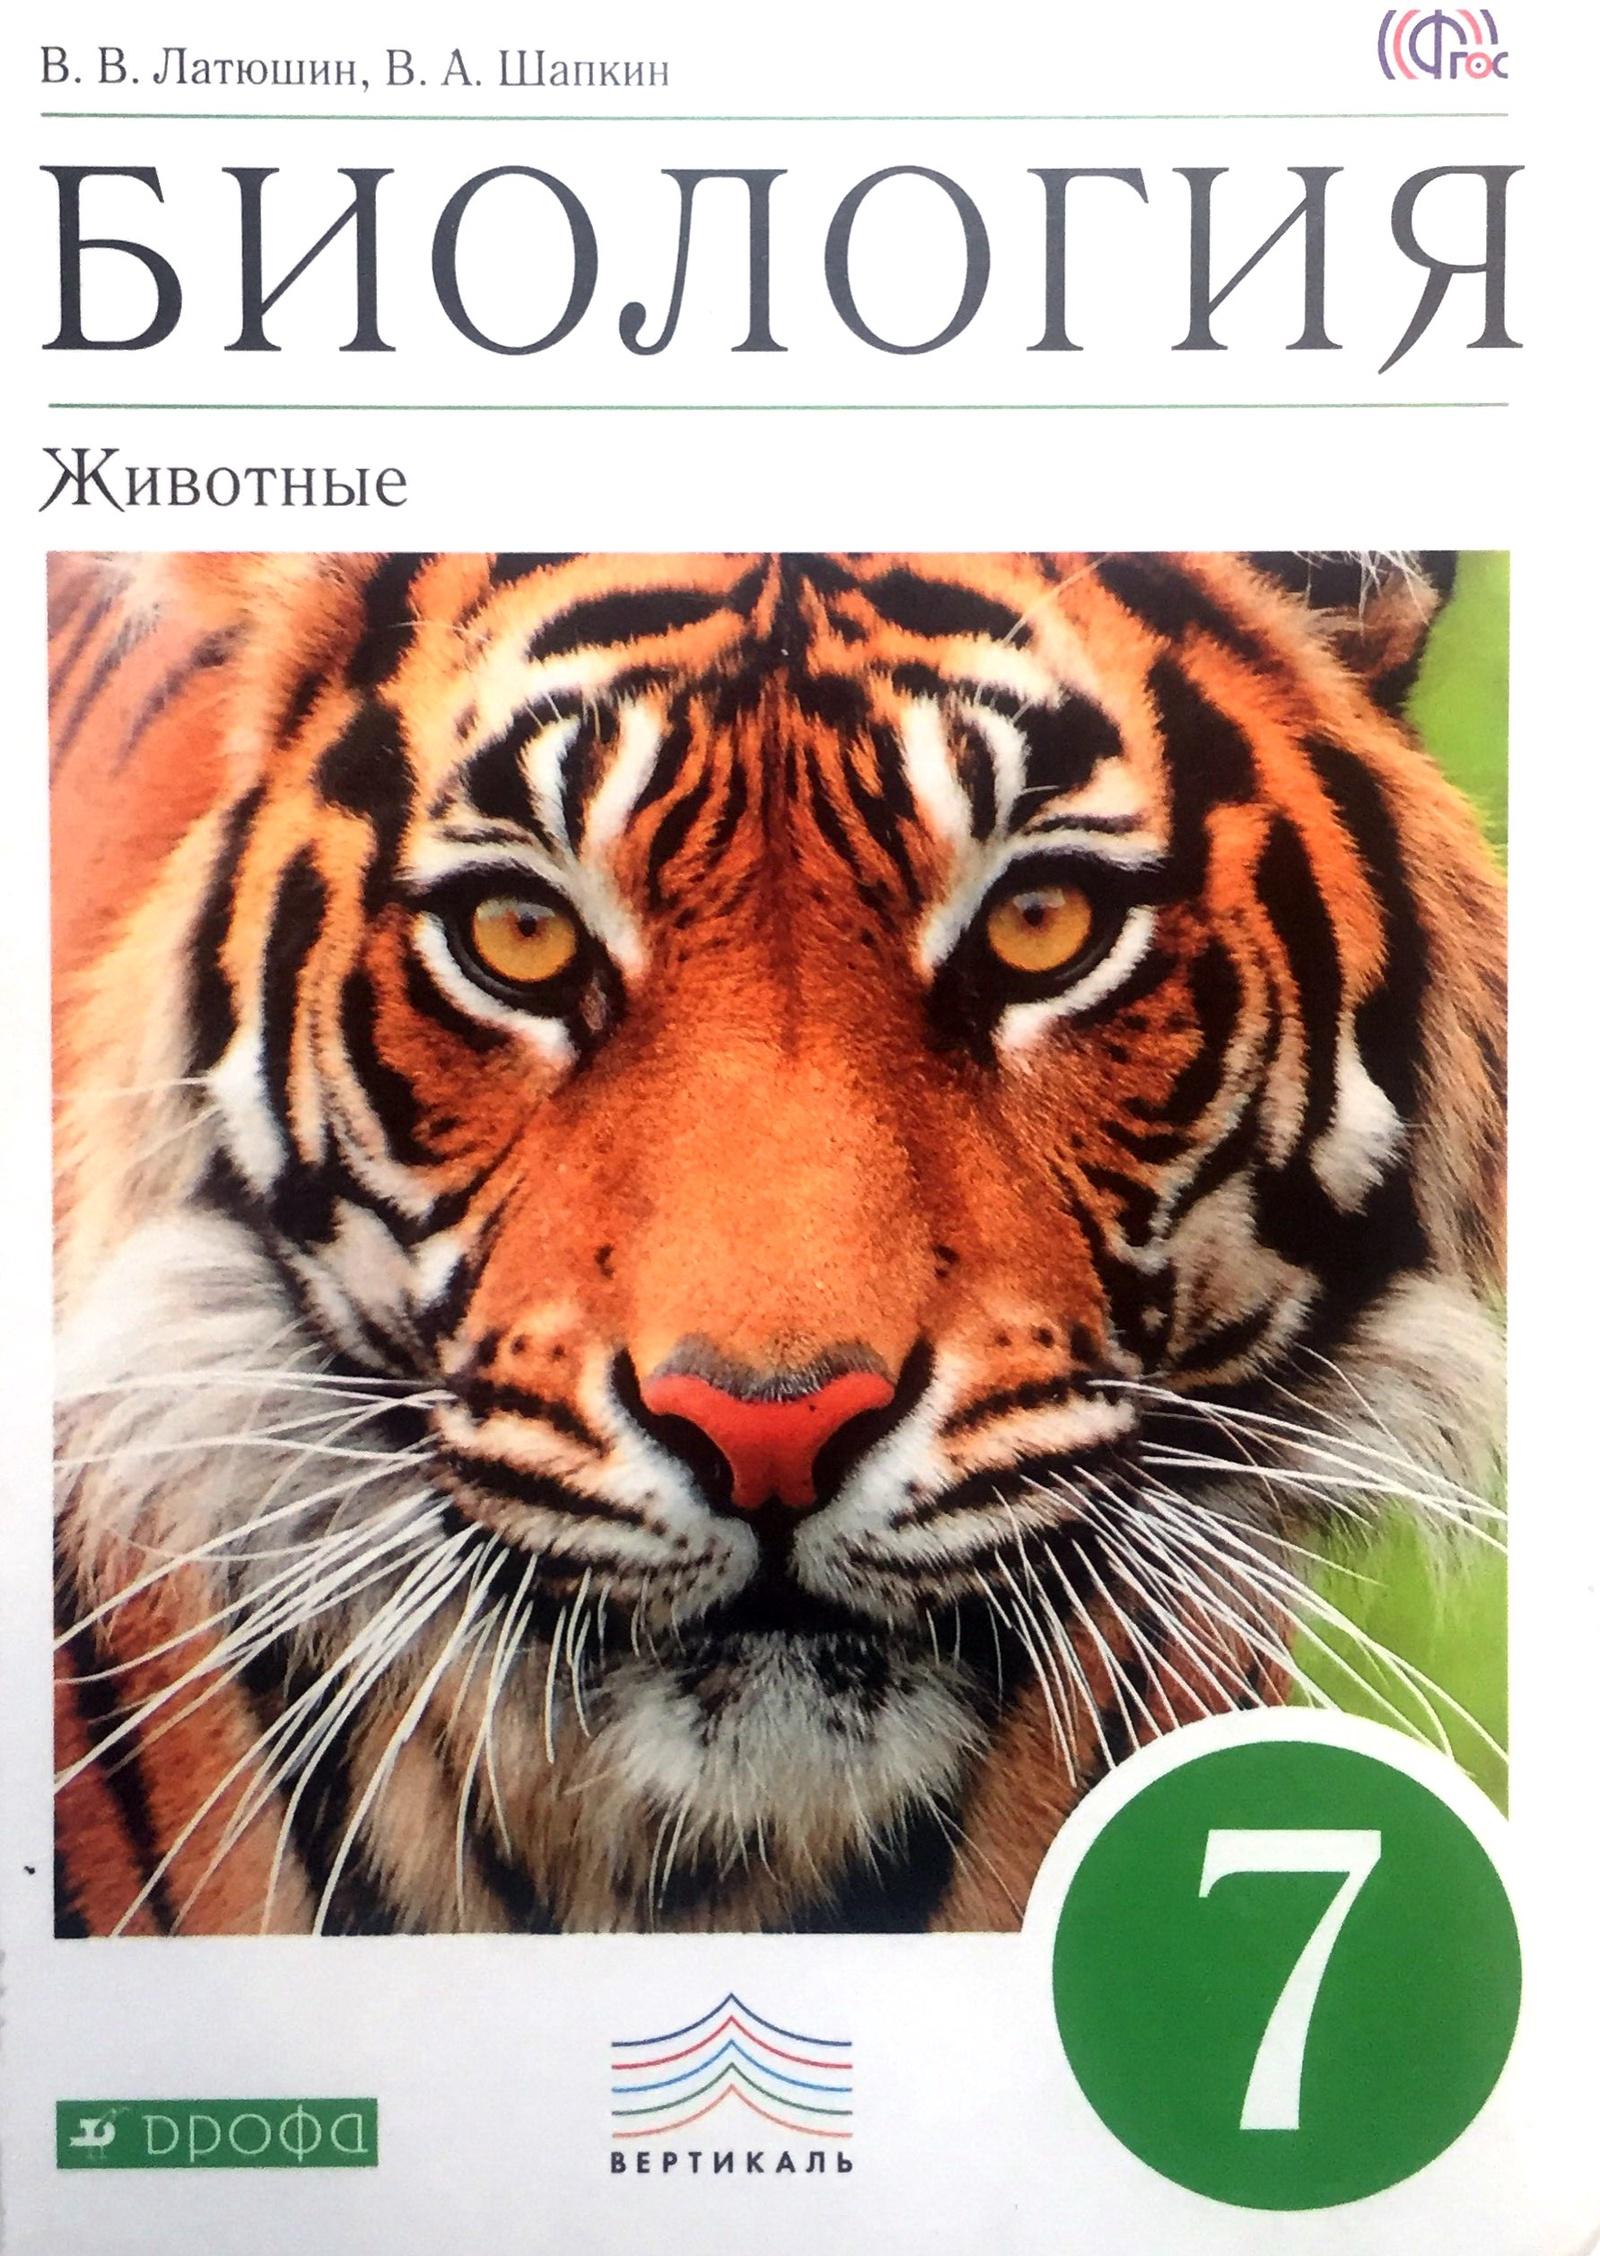 Латюшин В., Шапкин В. Биология. Животные: 7-й класс: учебник (Вертикаль. ФГОС) 4-е издание